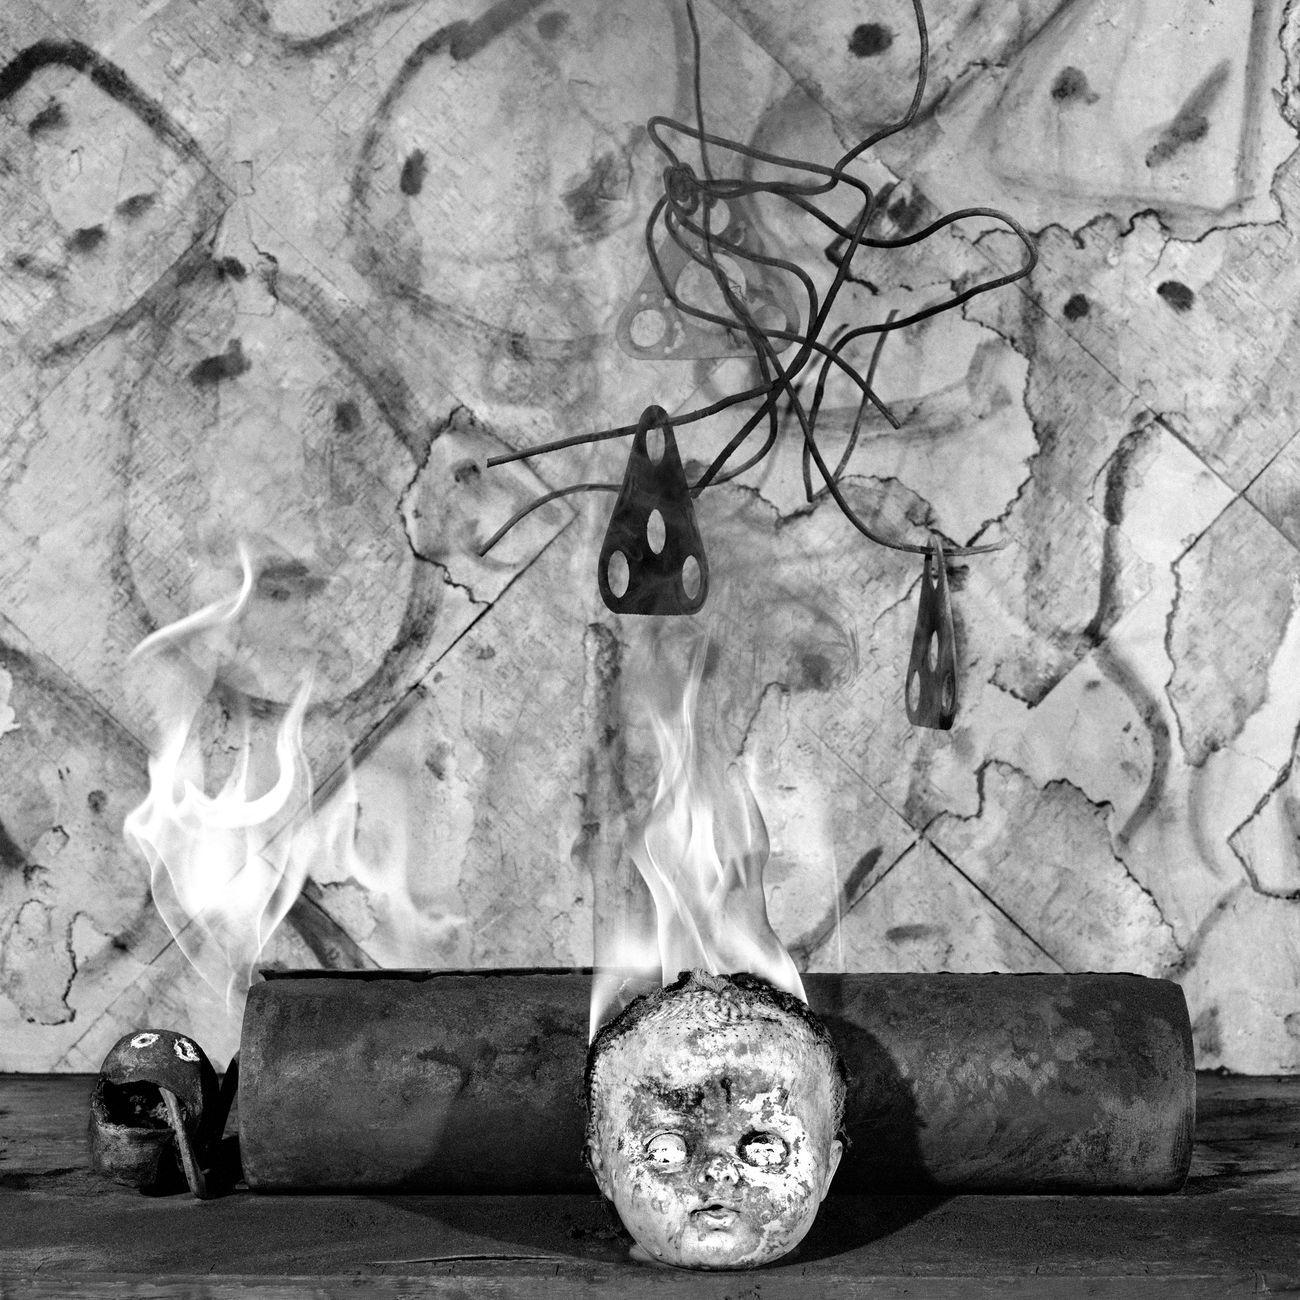 Roger Ballen, On Fire, 2008 © Roger Ballen